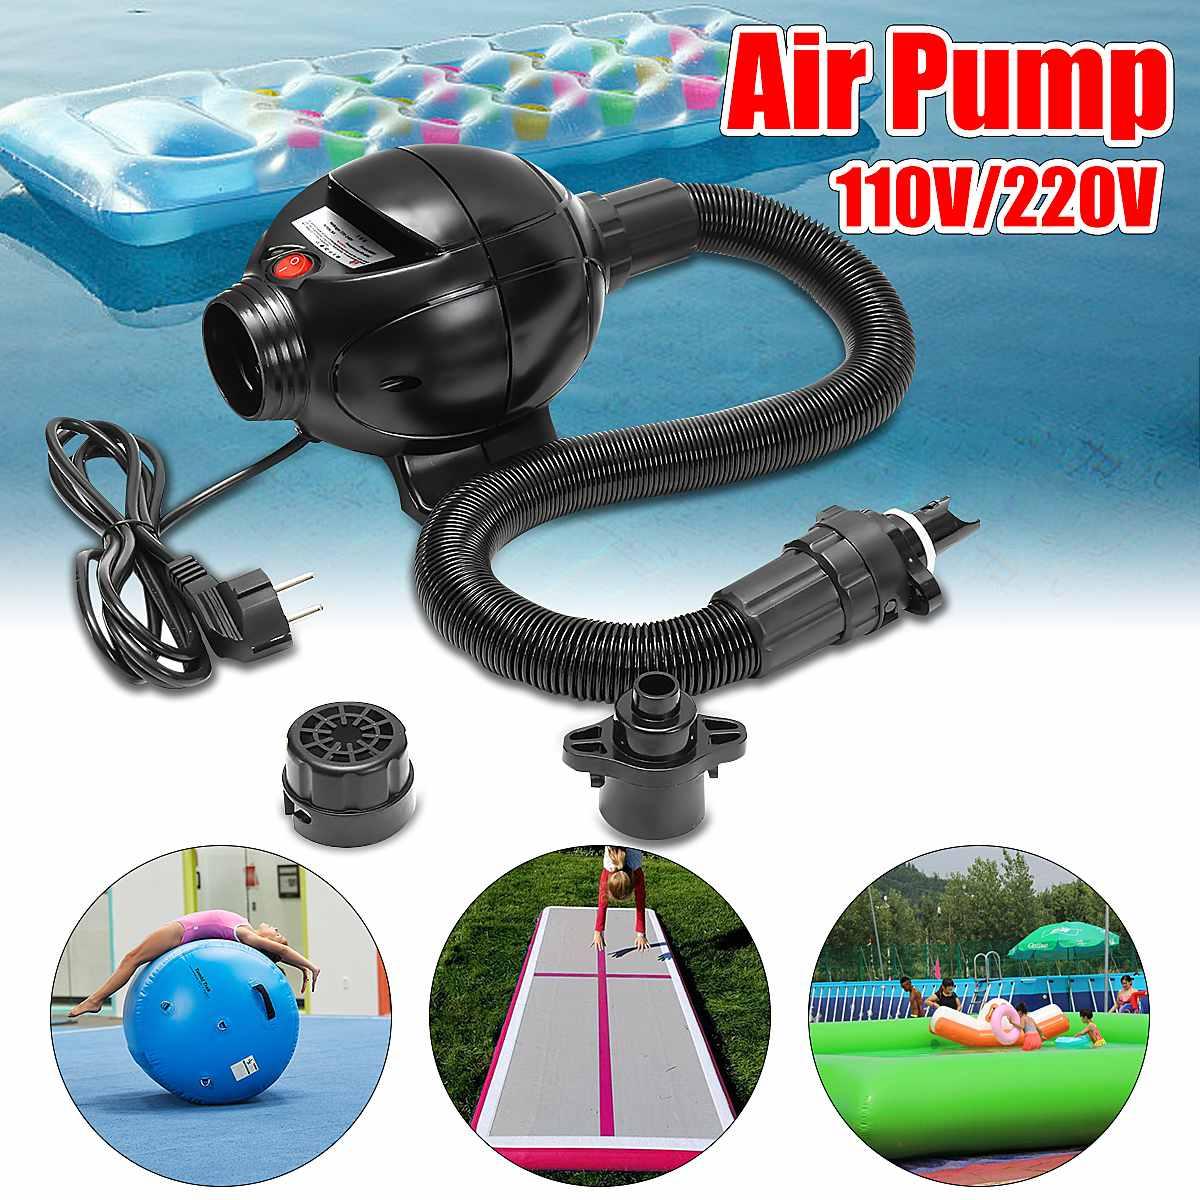 110V/220V Electric Air Pump Air Compressor Electric Air Tumbling Track Gym Pump Gymnastics Mats Pump Electric Air Pump